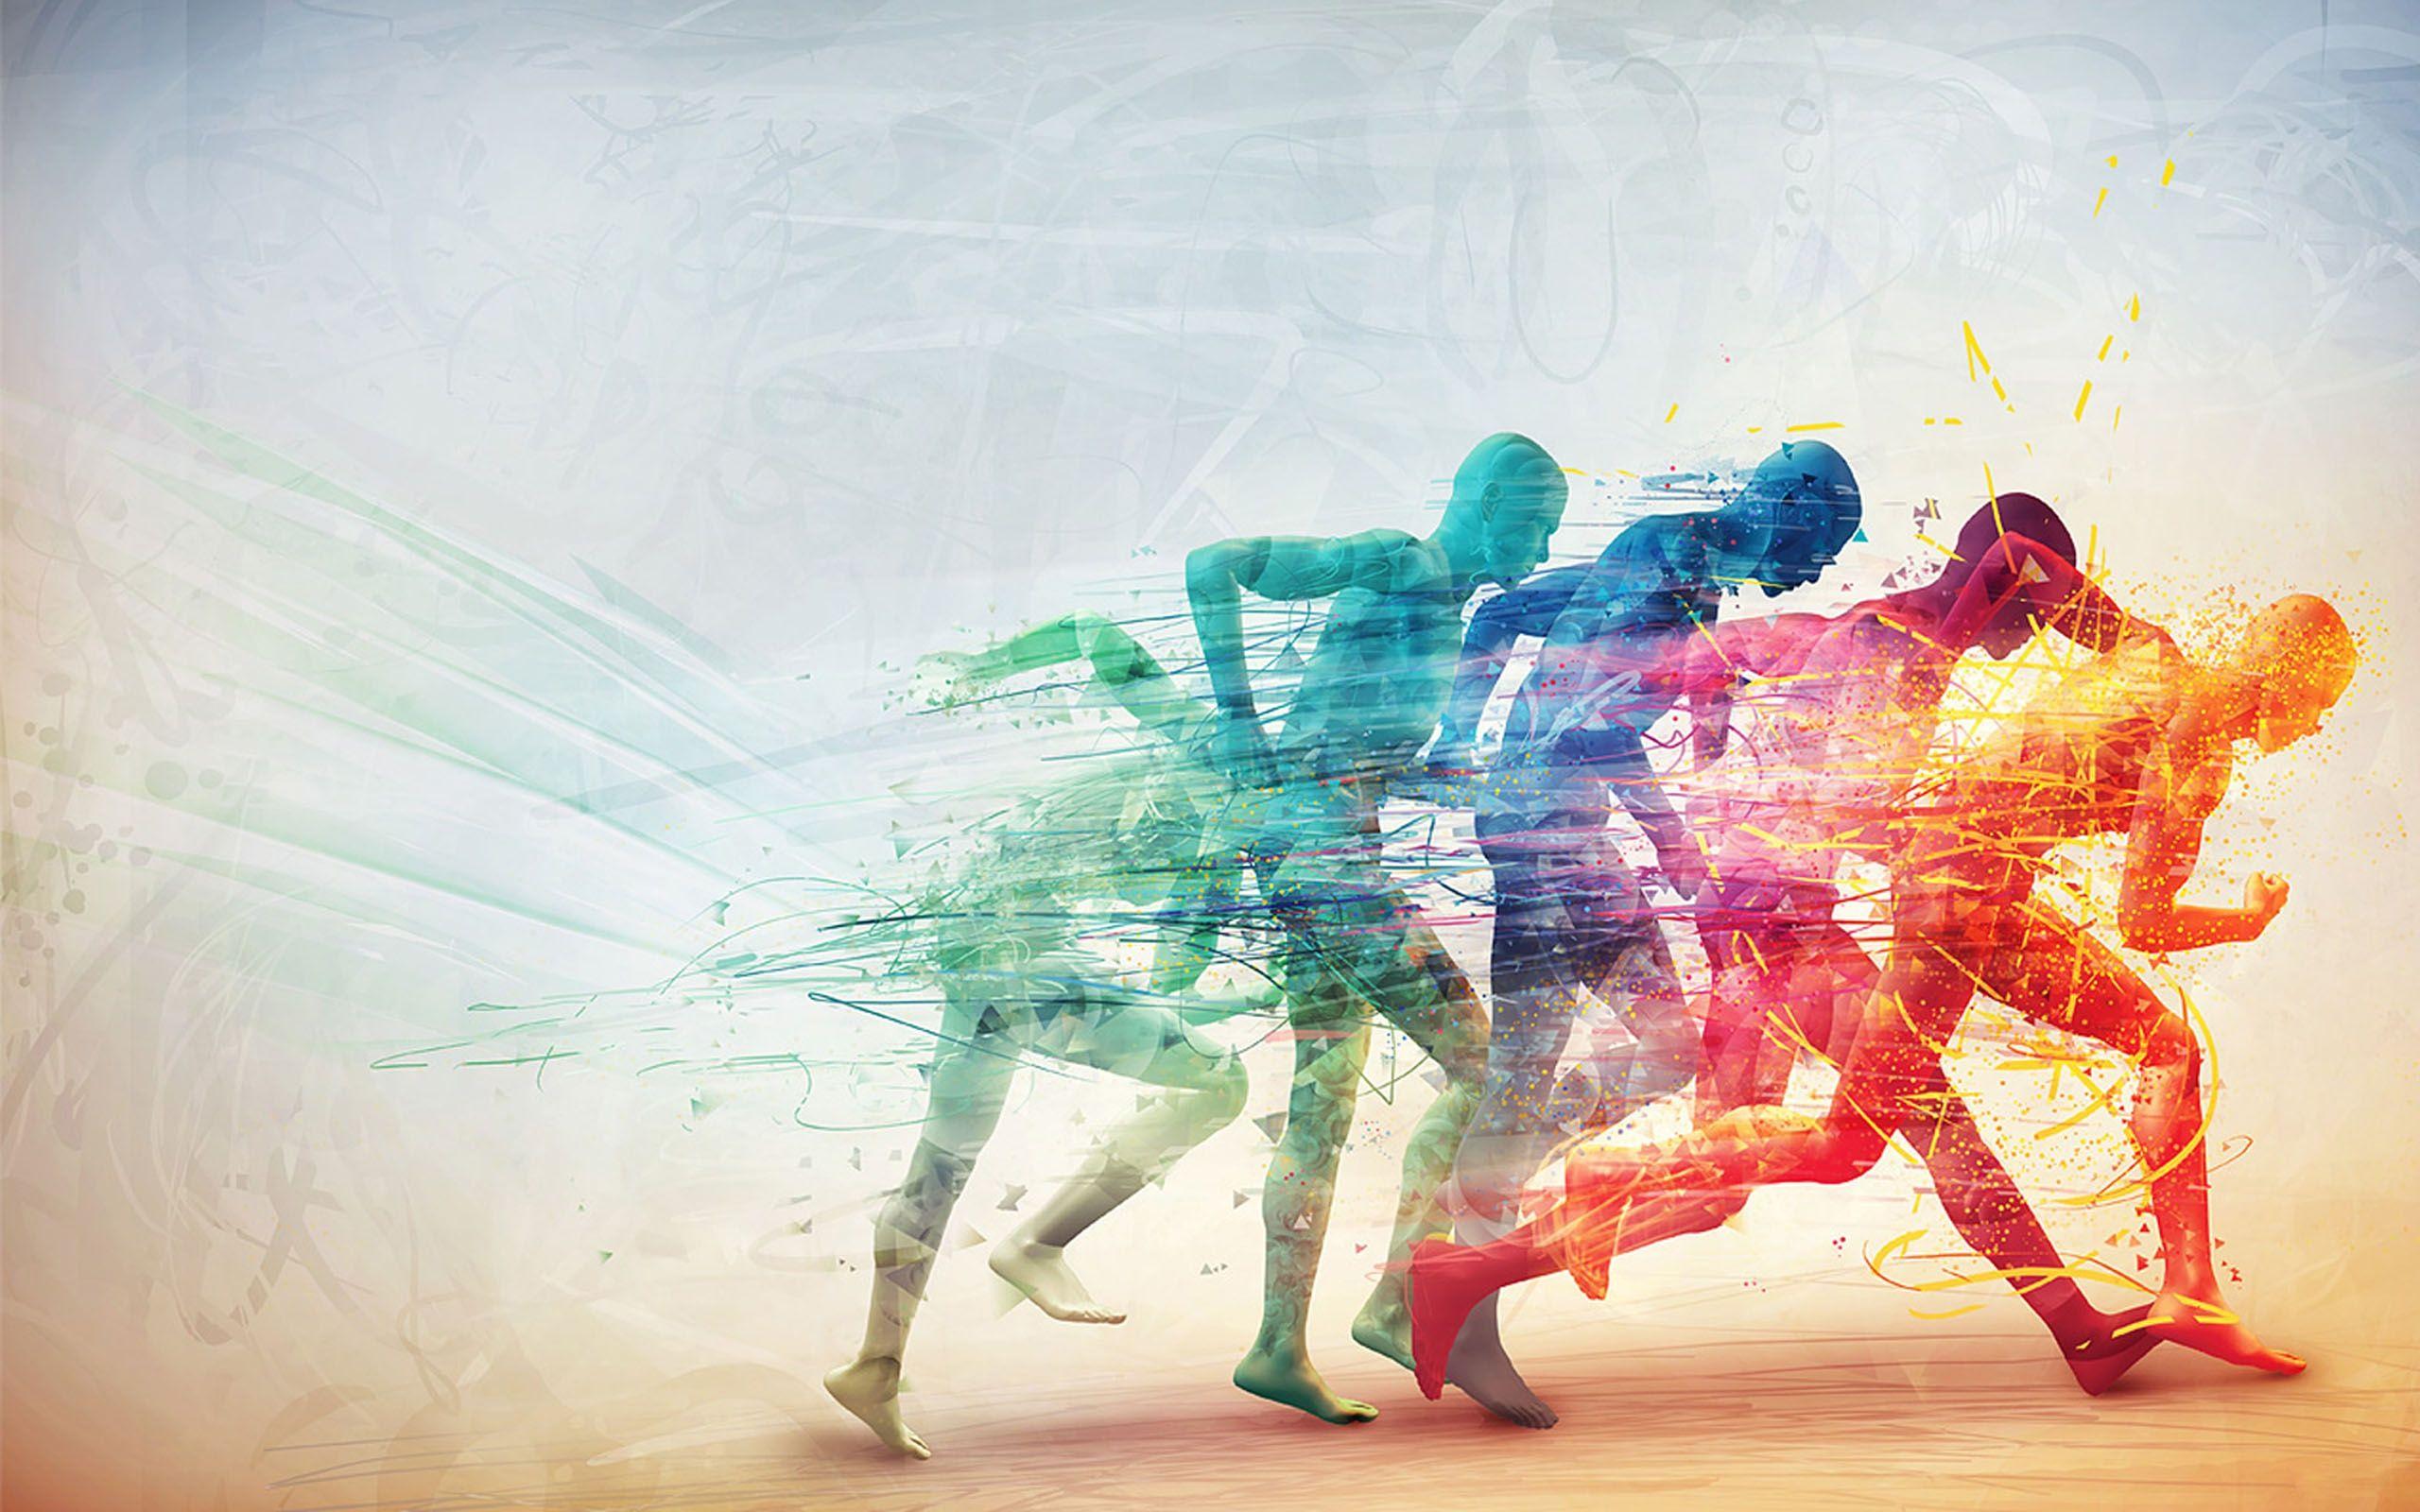 Las guías de actividad física para los americanos. 7 comentarios positivos.